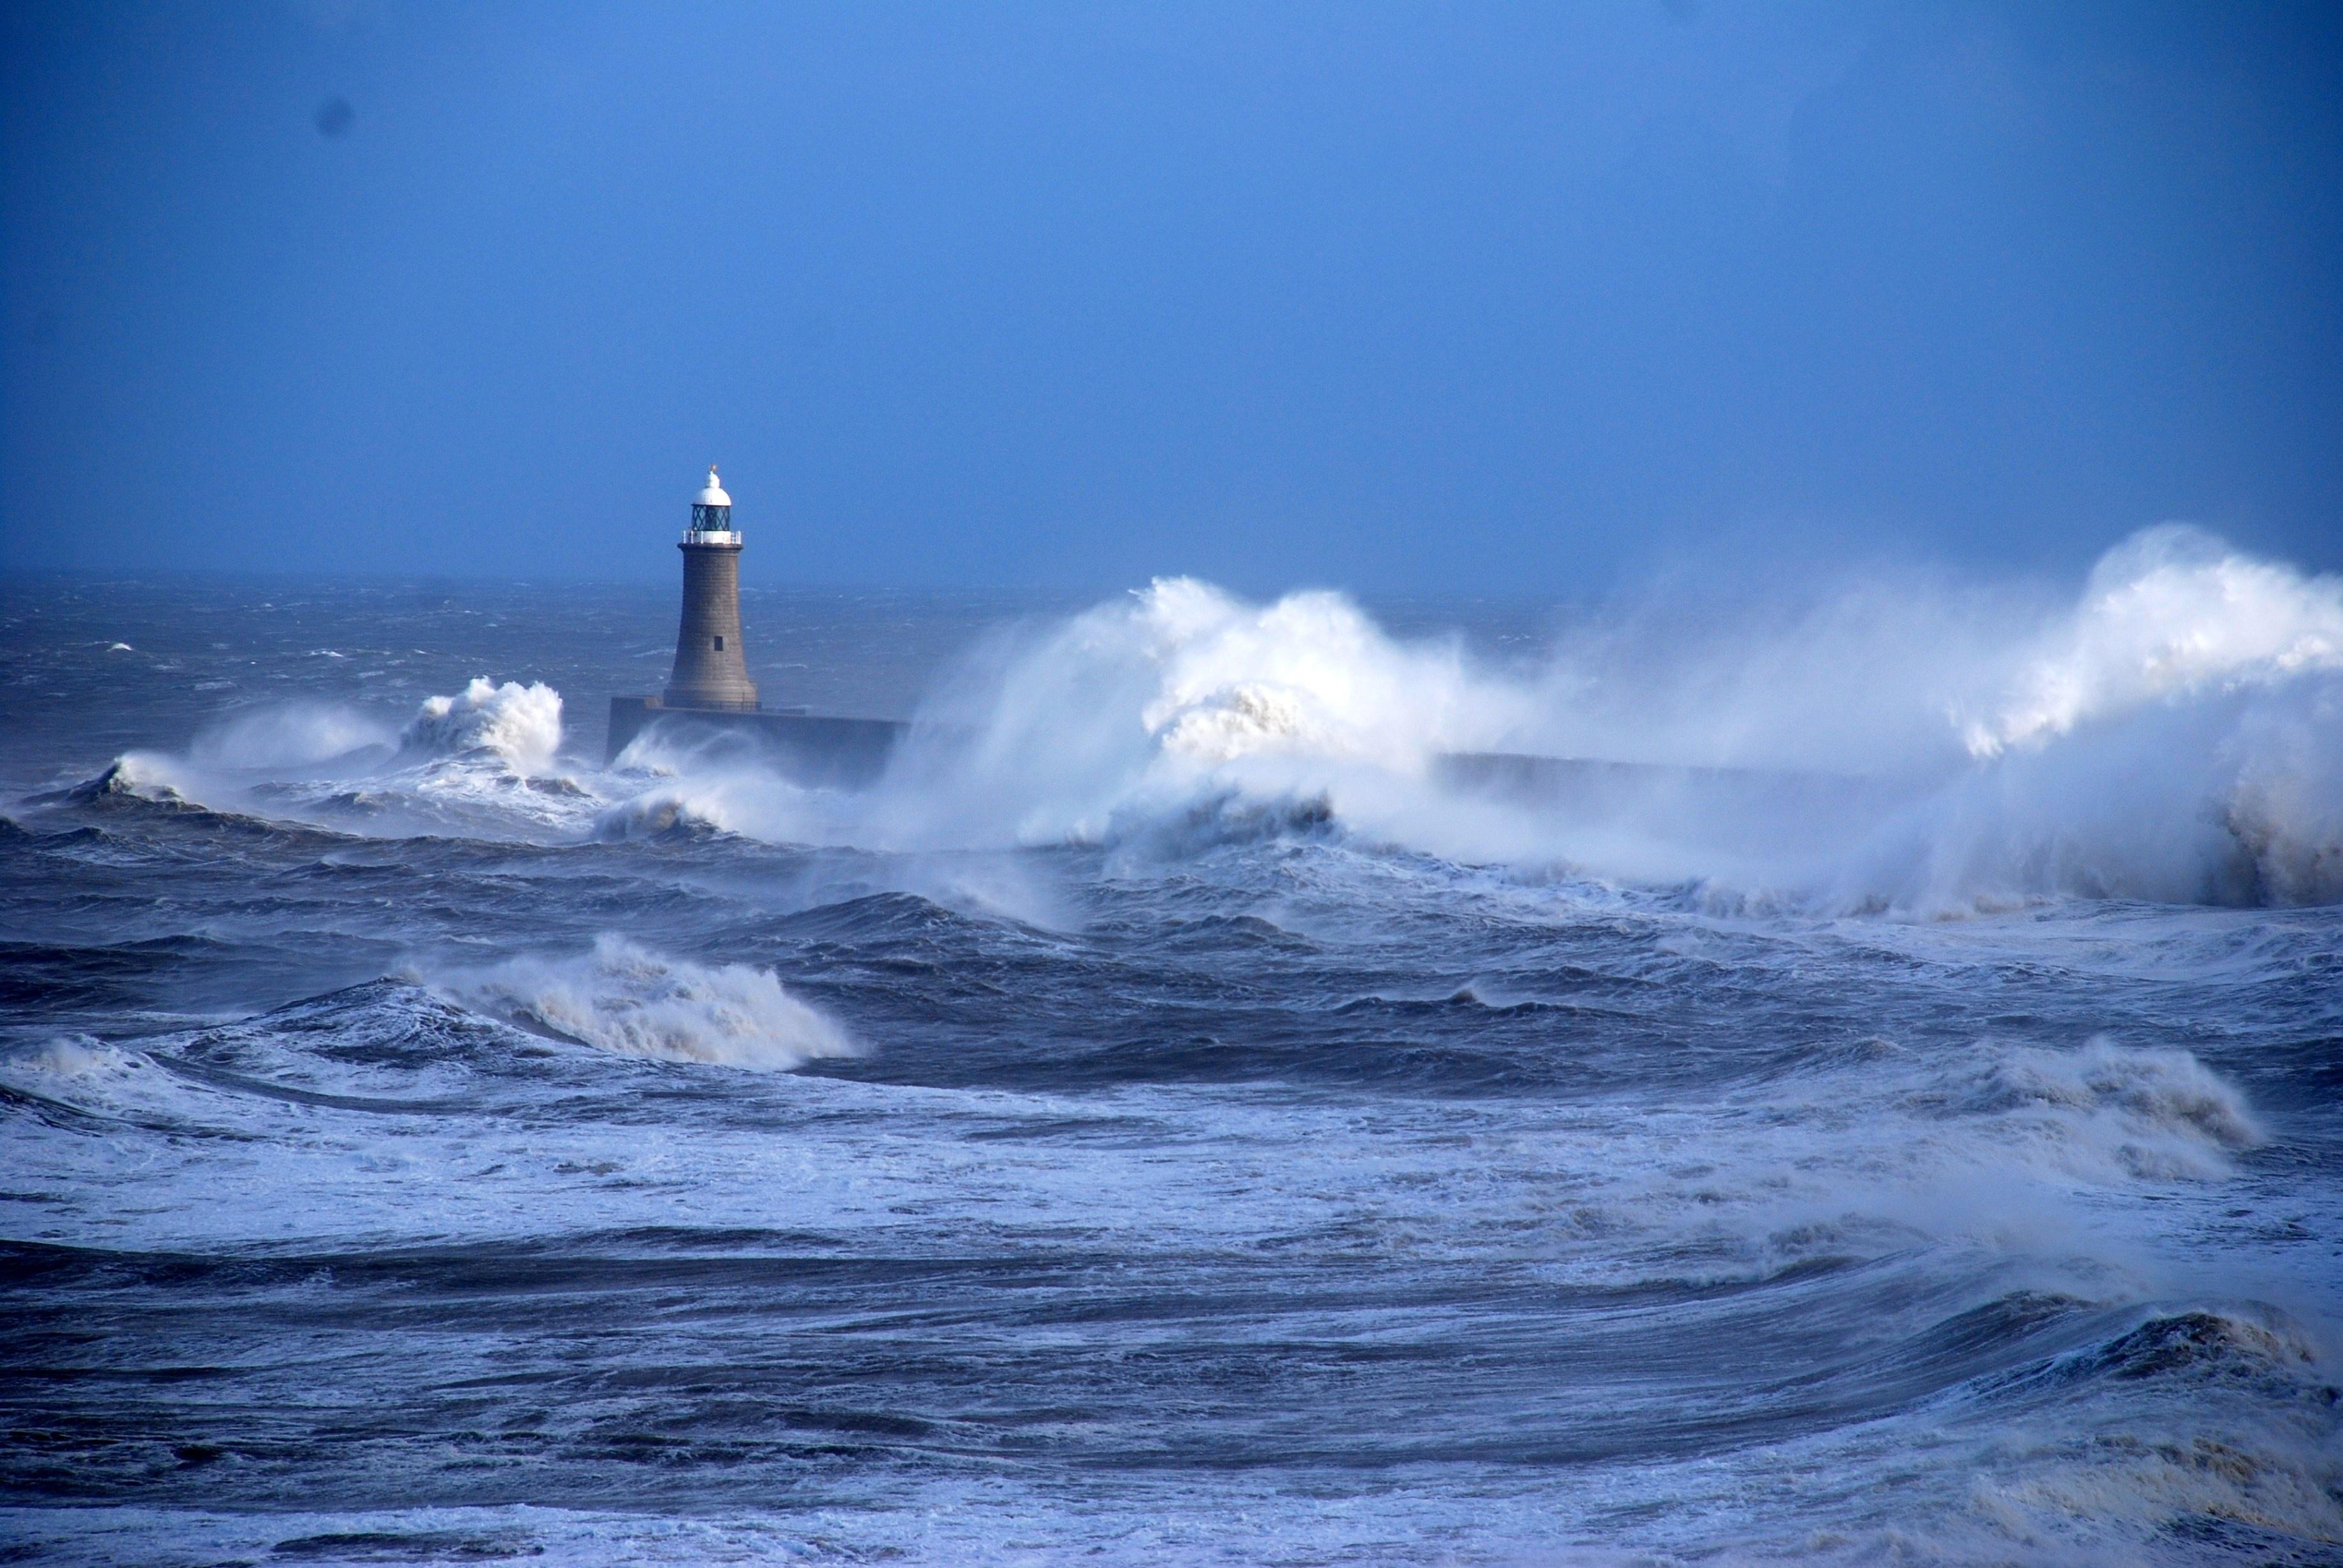 85278 скачать обои Природа, Море, Волны, Океан, Маяк, Шторм, Ветер, Непогода, Удары - заставки и картинки бесплатно